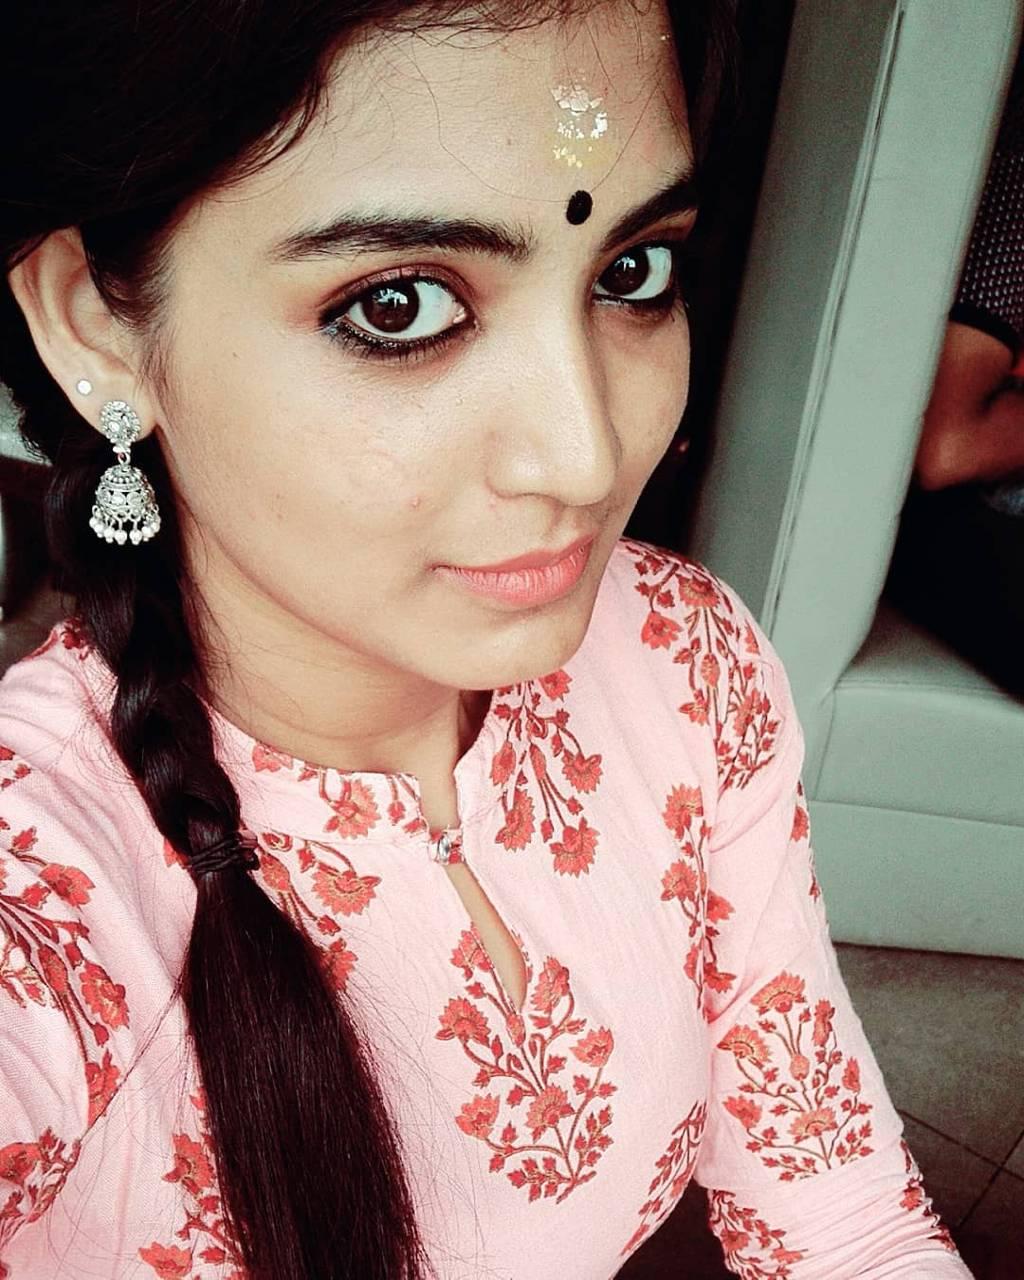 Snisha Chandran